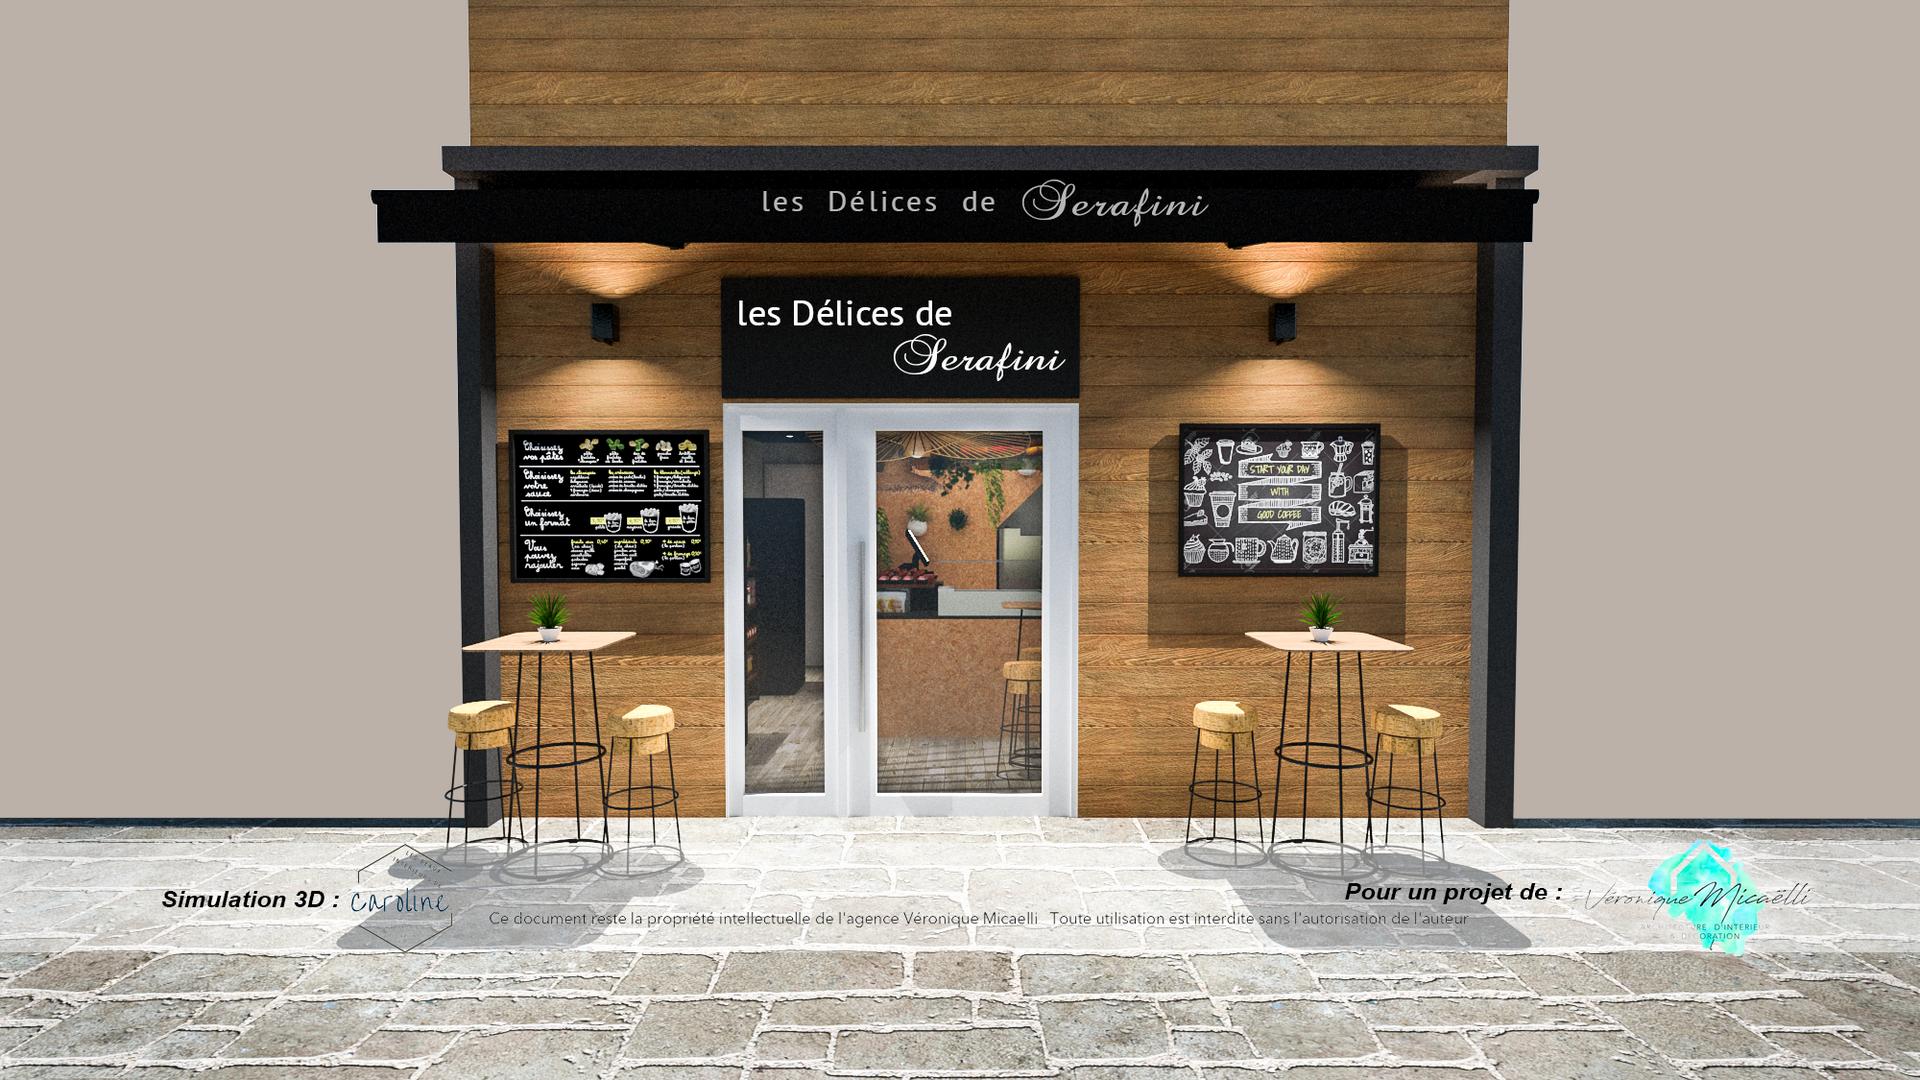 Simulation 3D de la façade du commerce